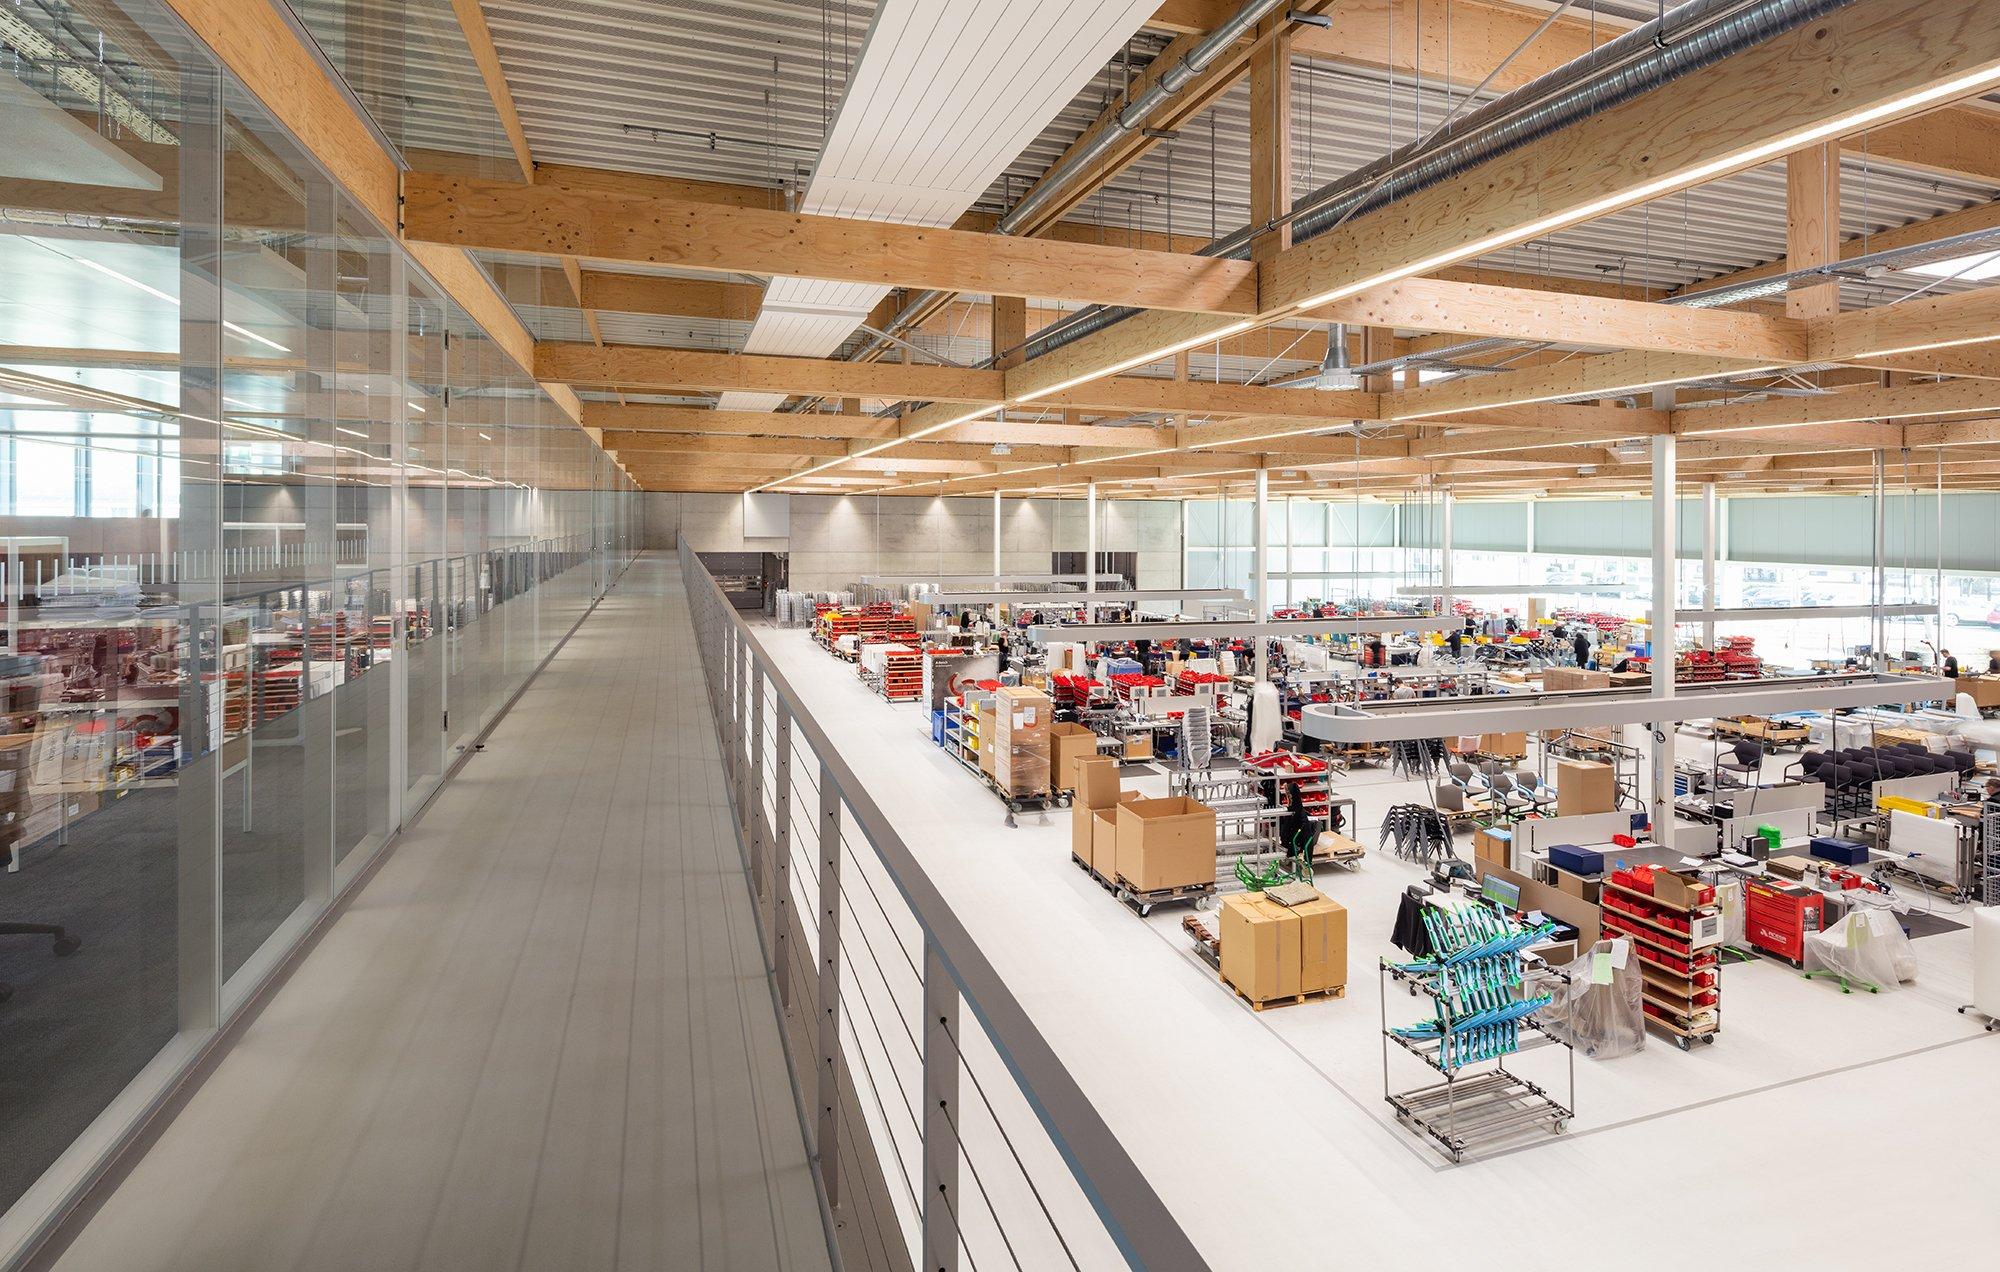 Die offene Architektur bringt Verwaltung und Produktion nah zusammen.